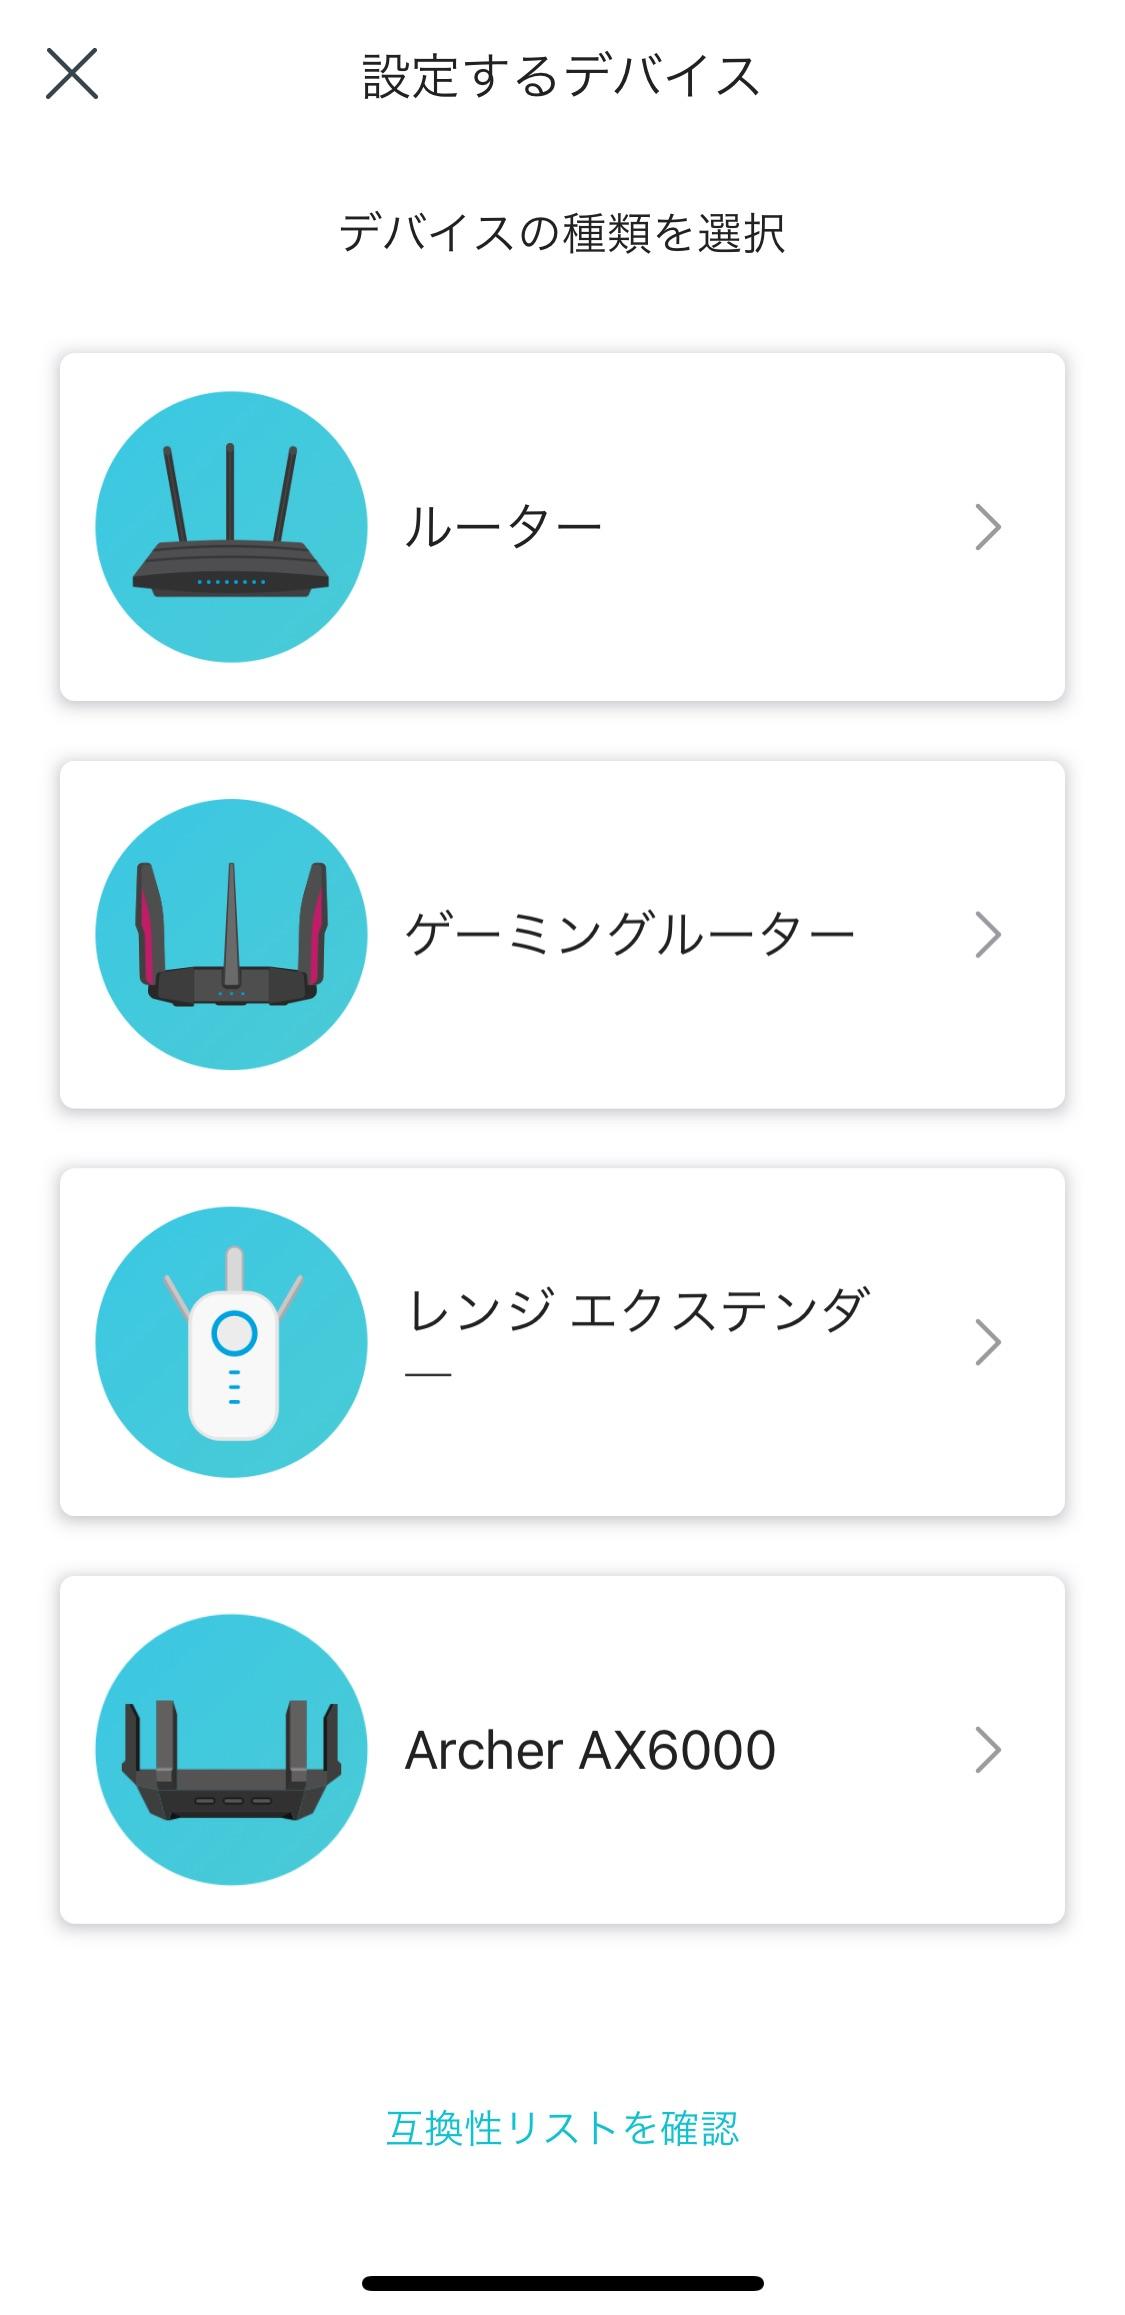 TP-Linkアプリのイメージ